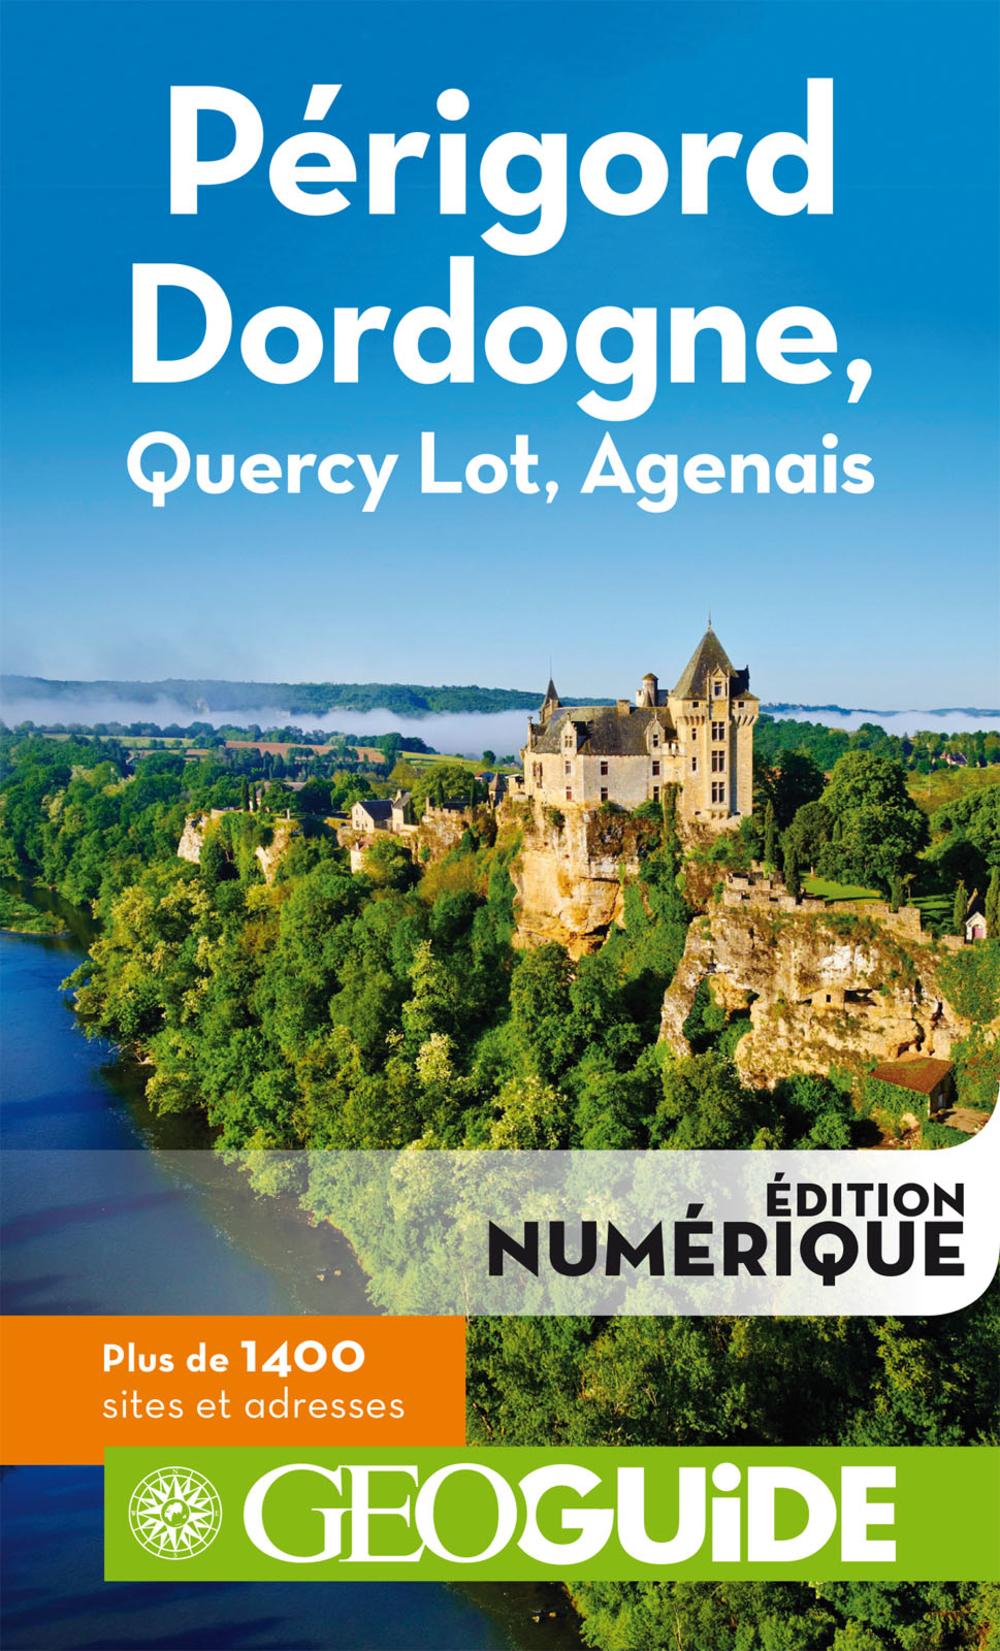 GEOguide Périgord Dordogne, Quercy Lot, Agenais |